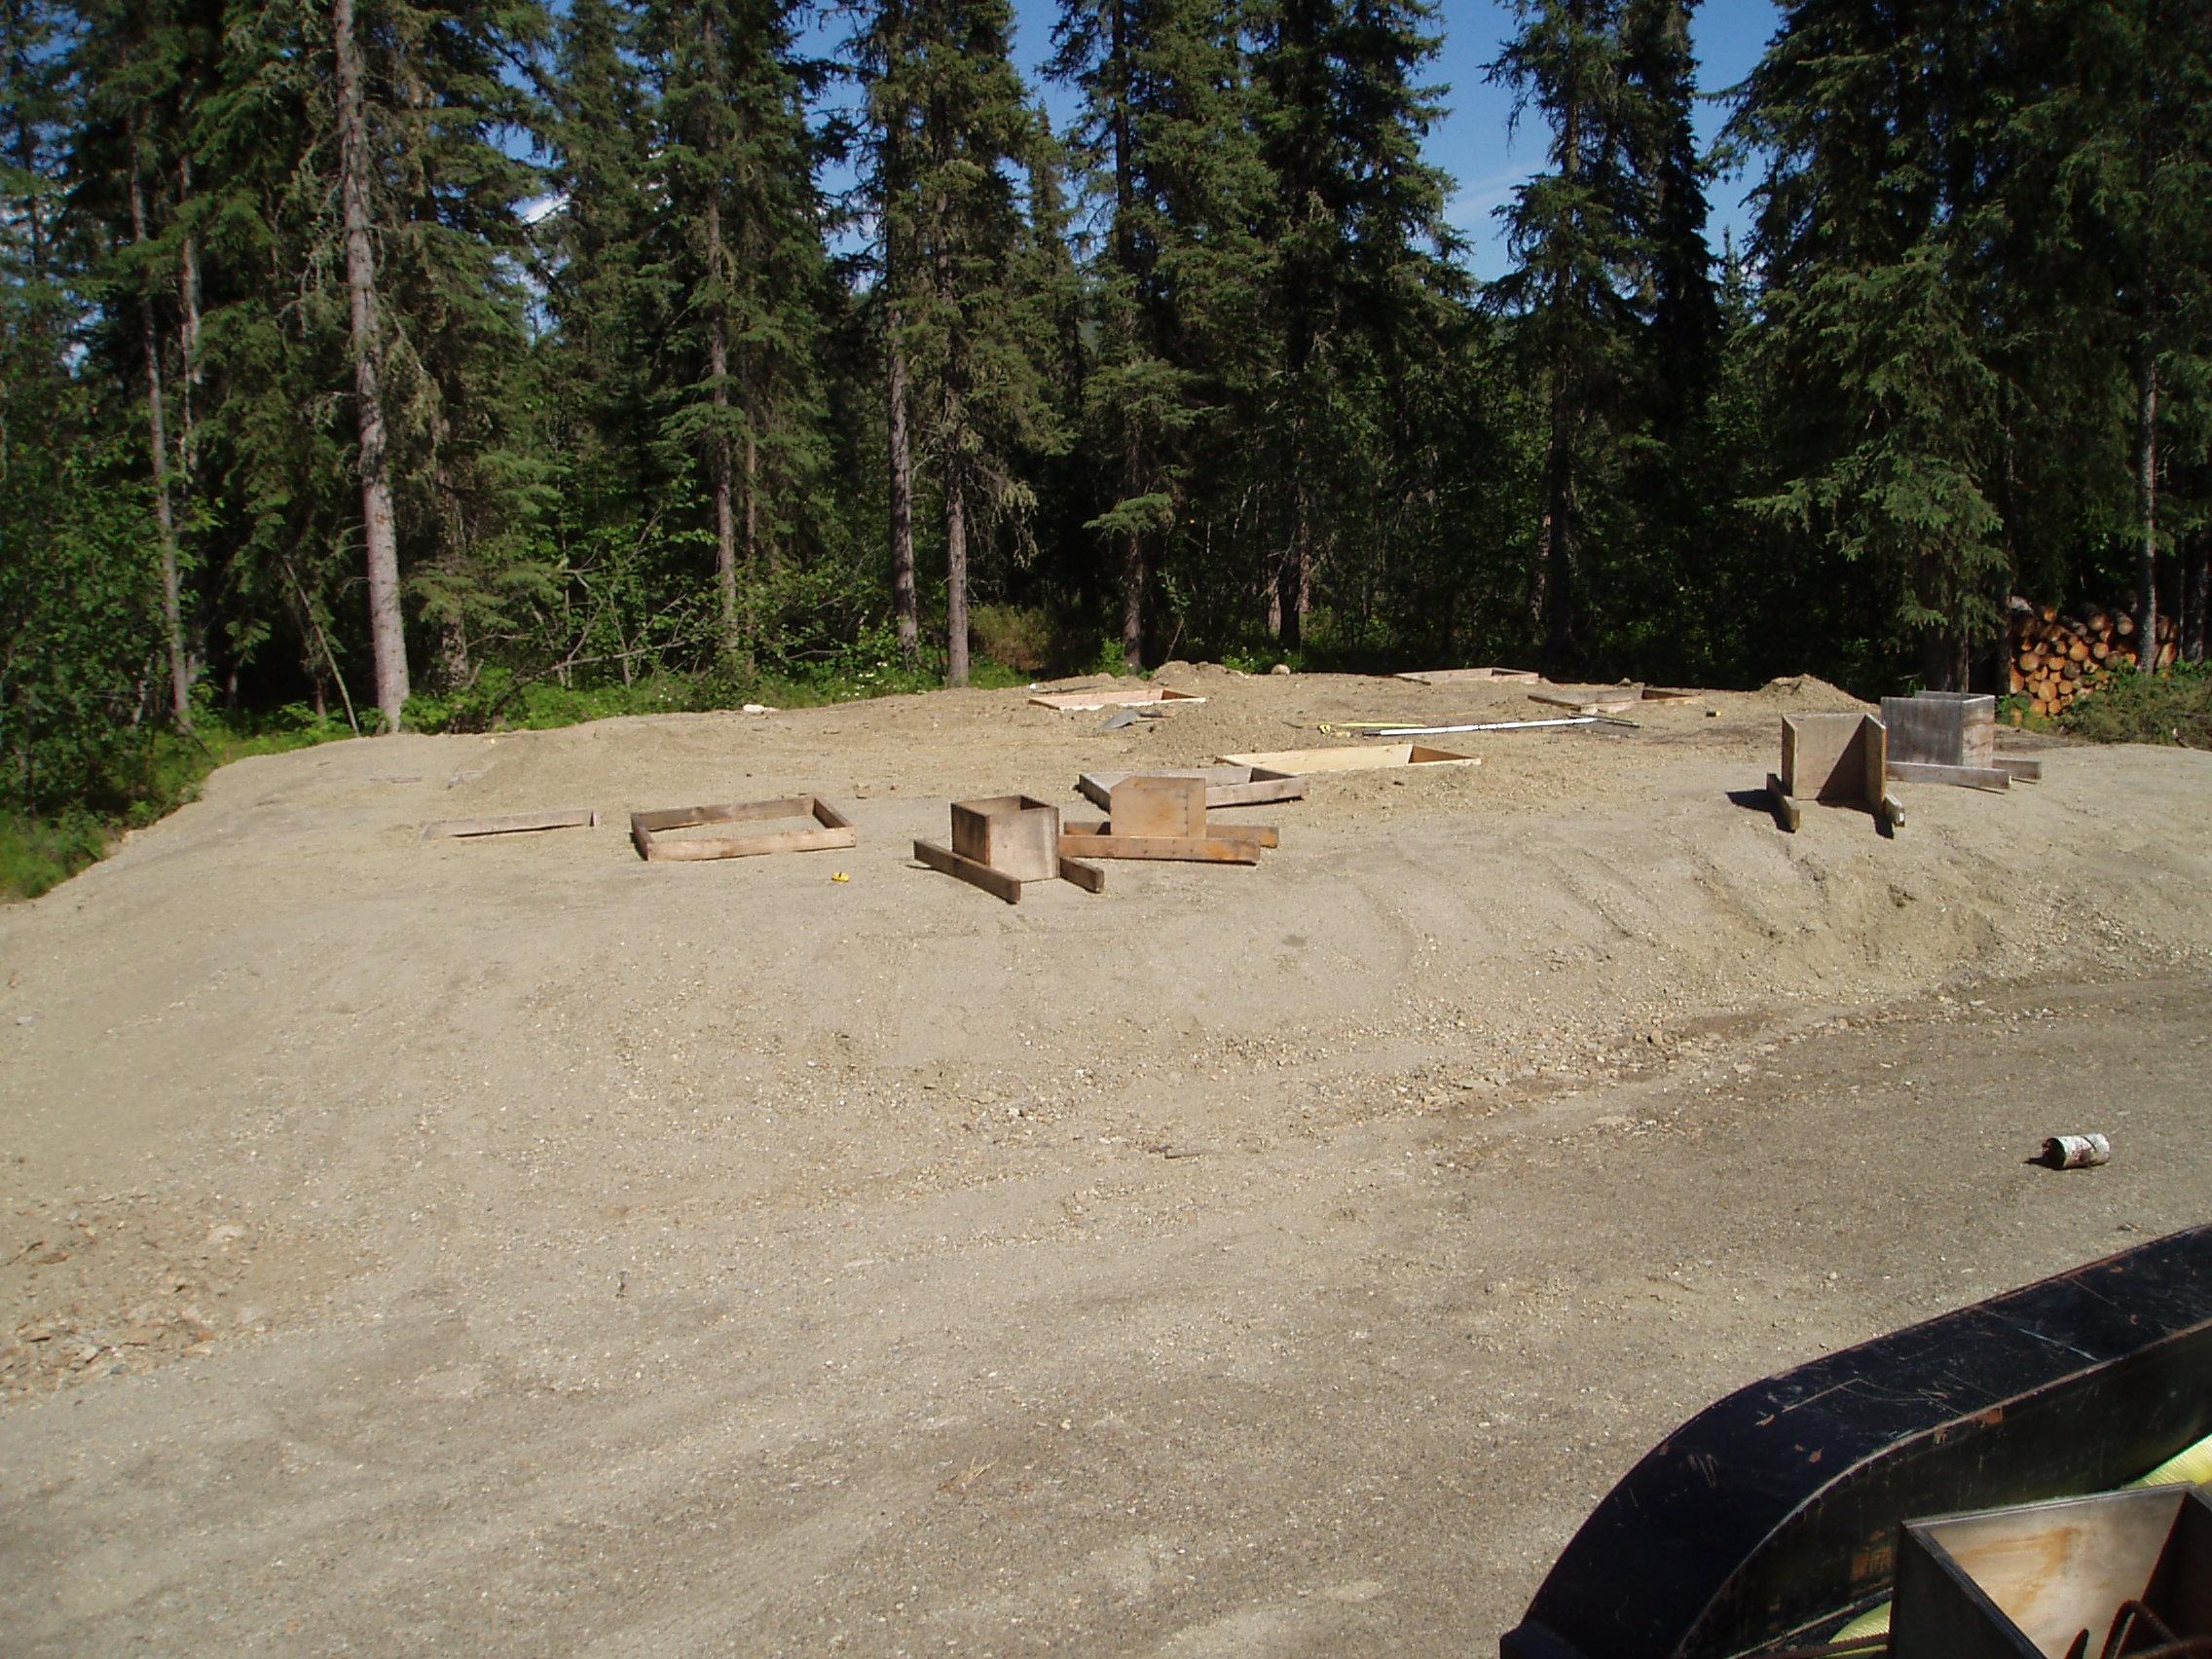 gravel-pad-goldstream-valley-fairbanks-alaska